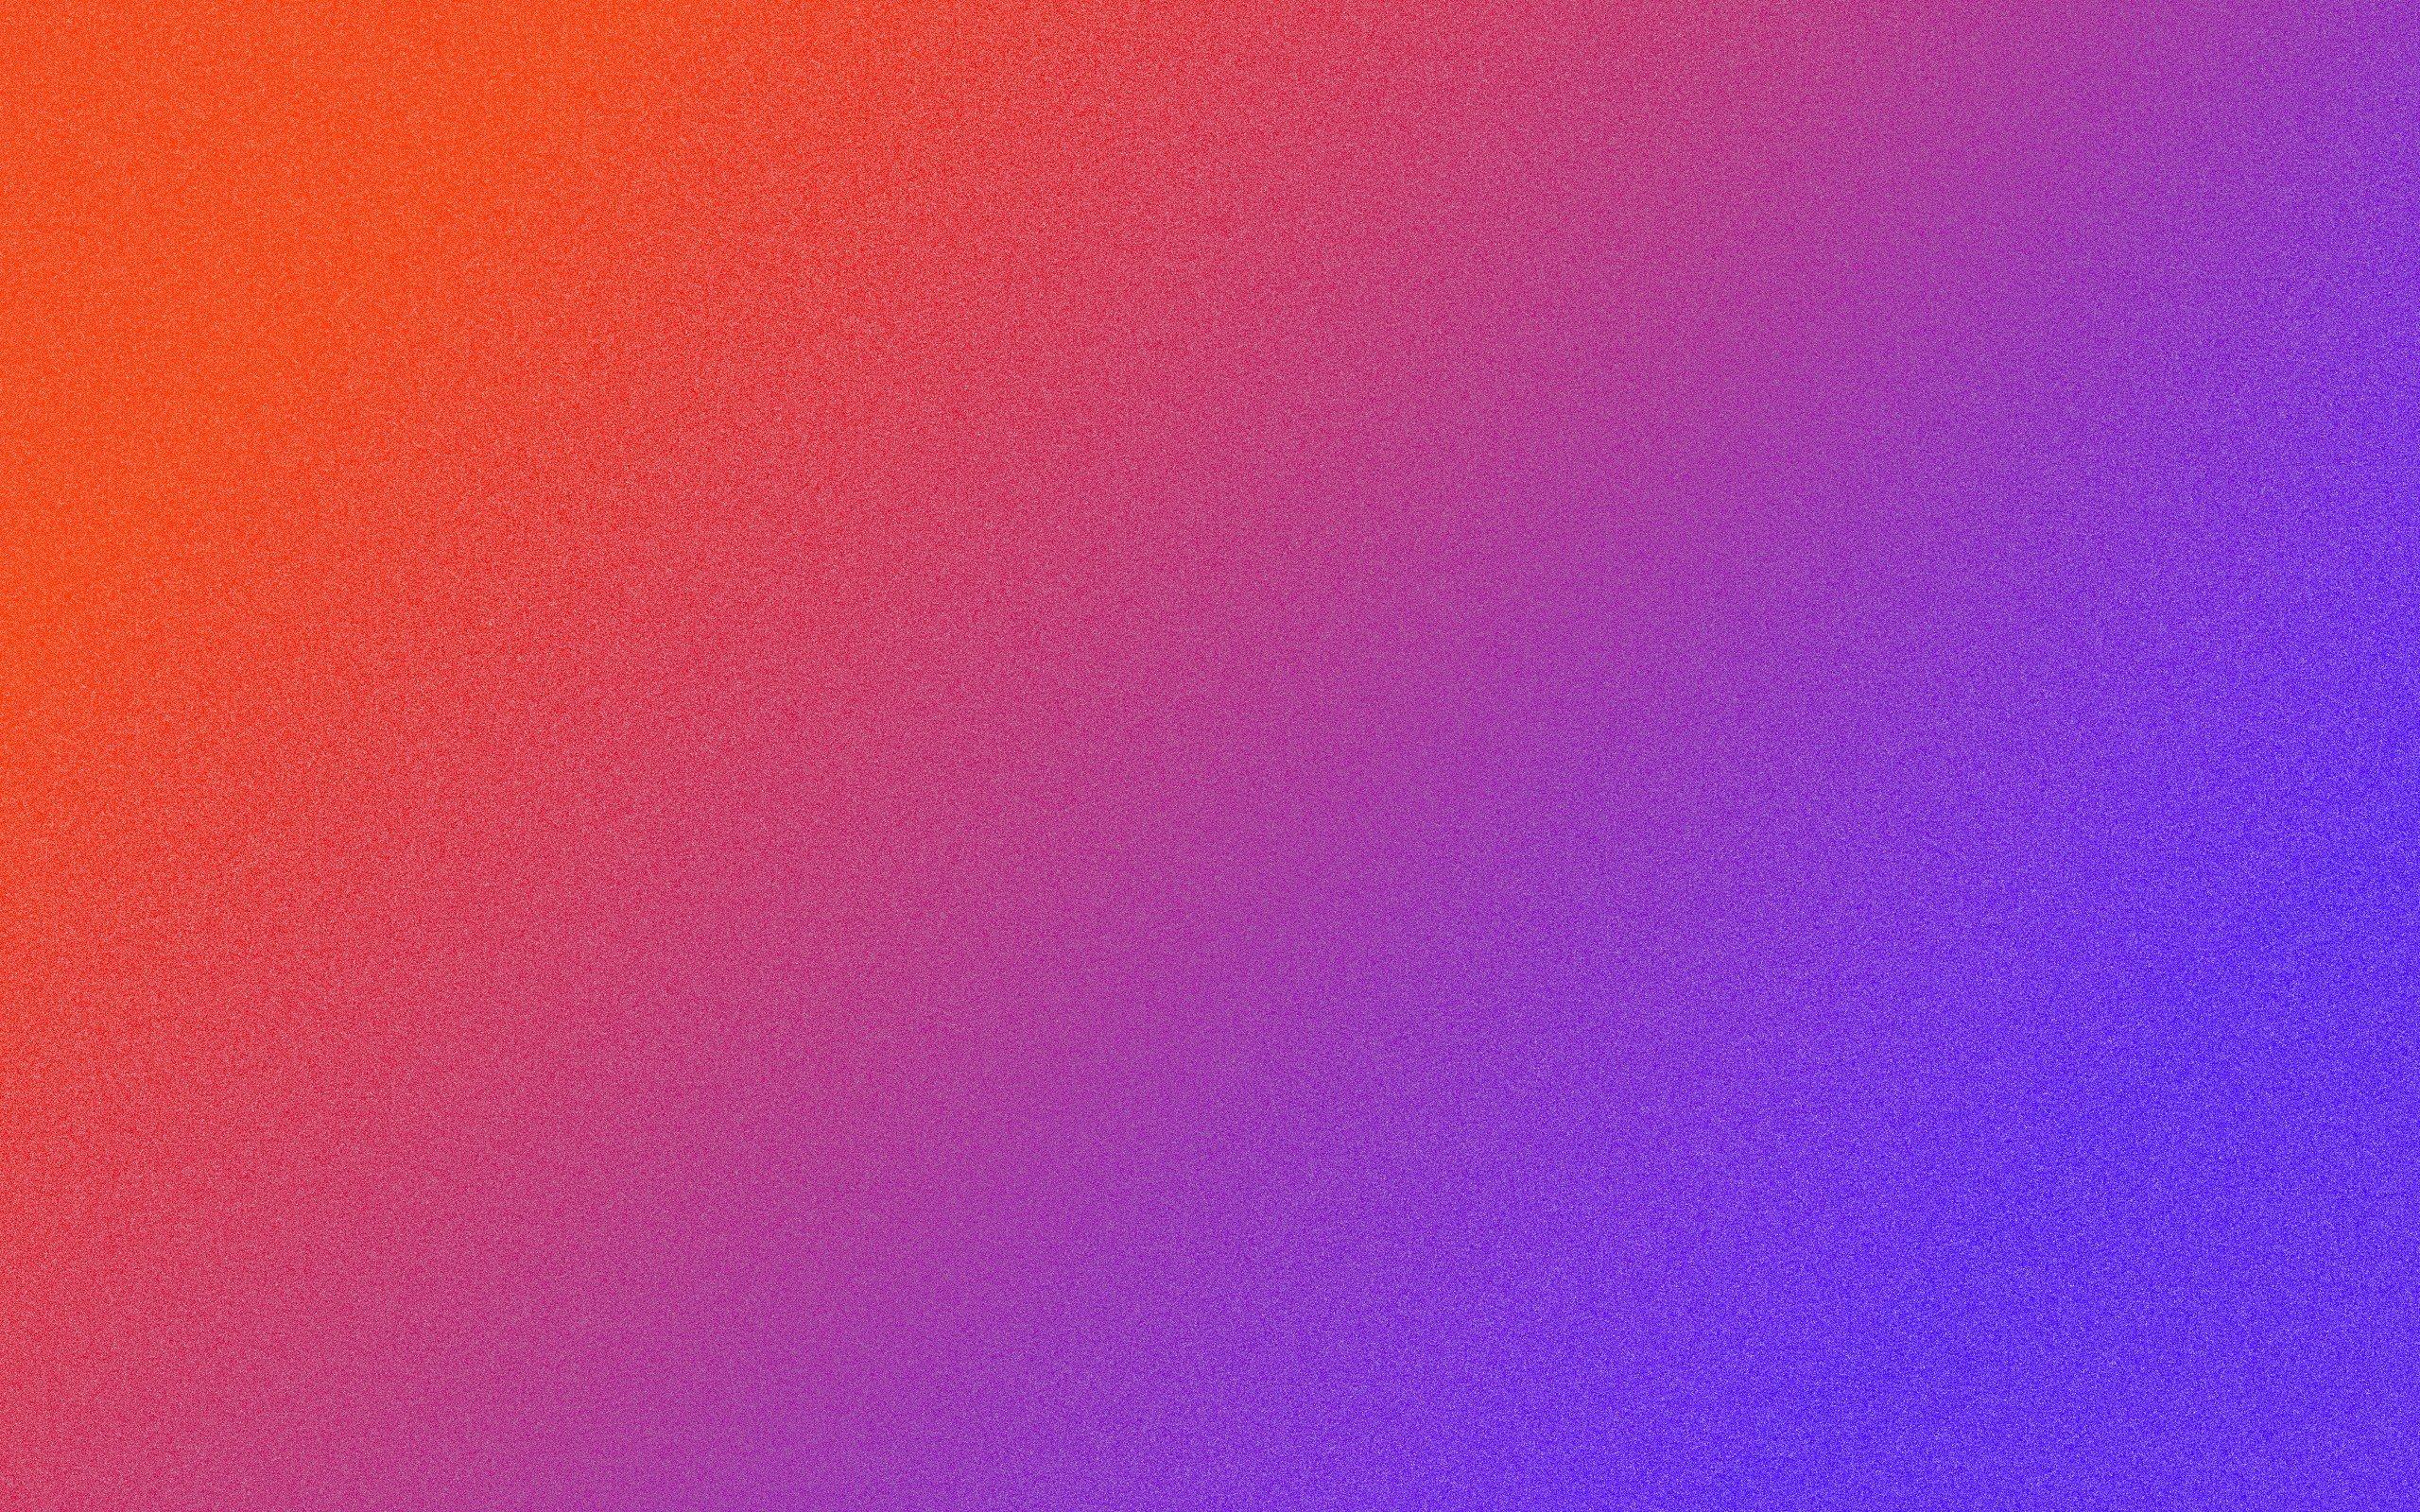 обычно, фон разных цветов без картинок еще одно